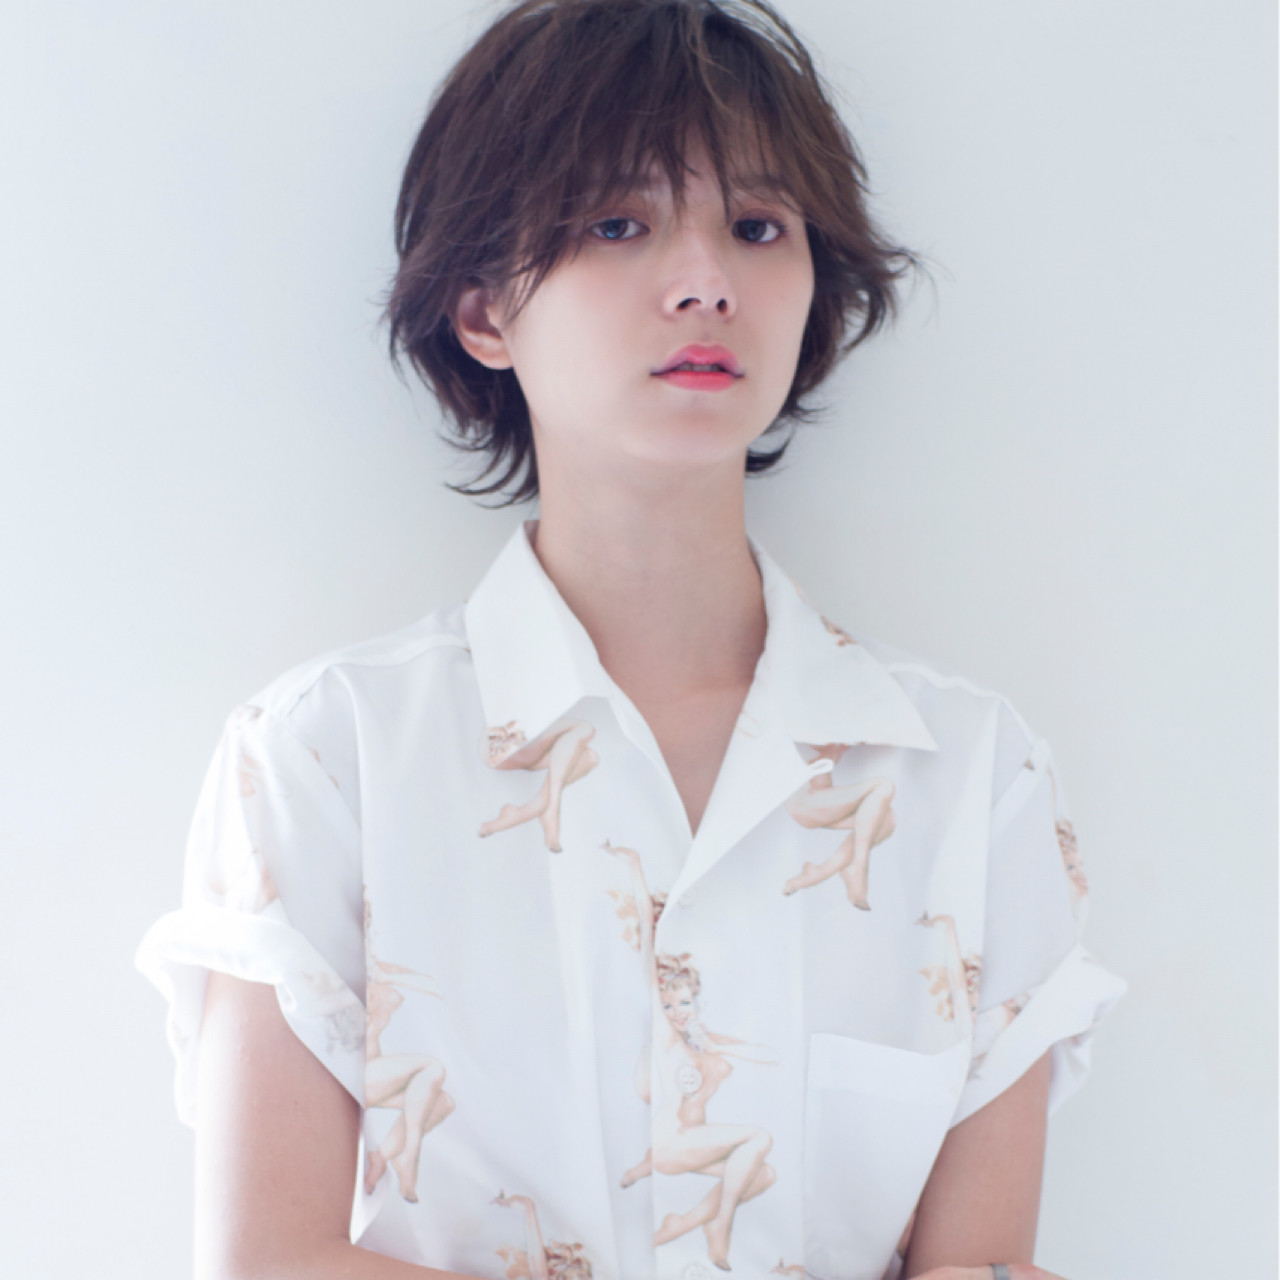 ショート 透明感 ウルフカット 秋 ヘアスタイルや髪型の写真・画像 | 竹石 大介 / air-FUKUOKA